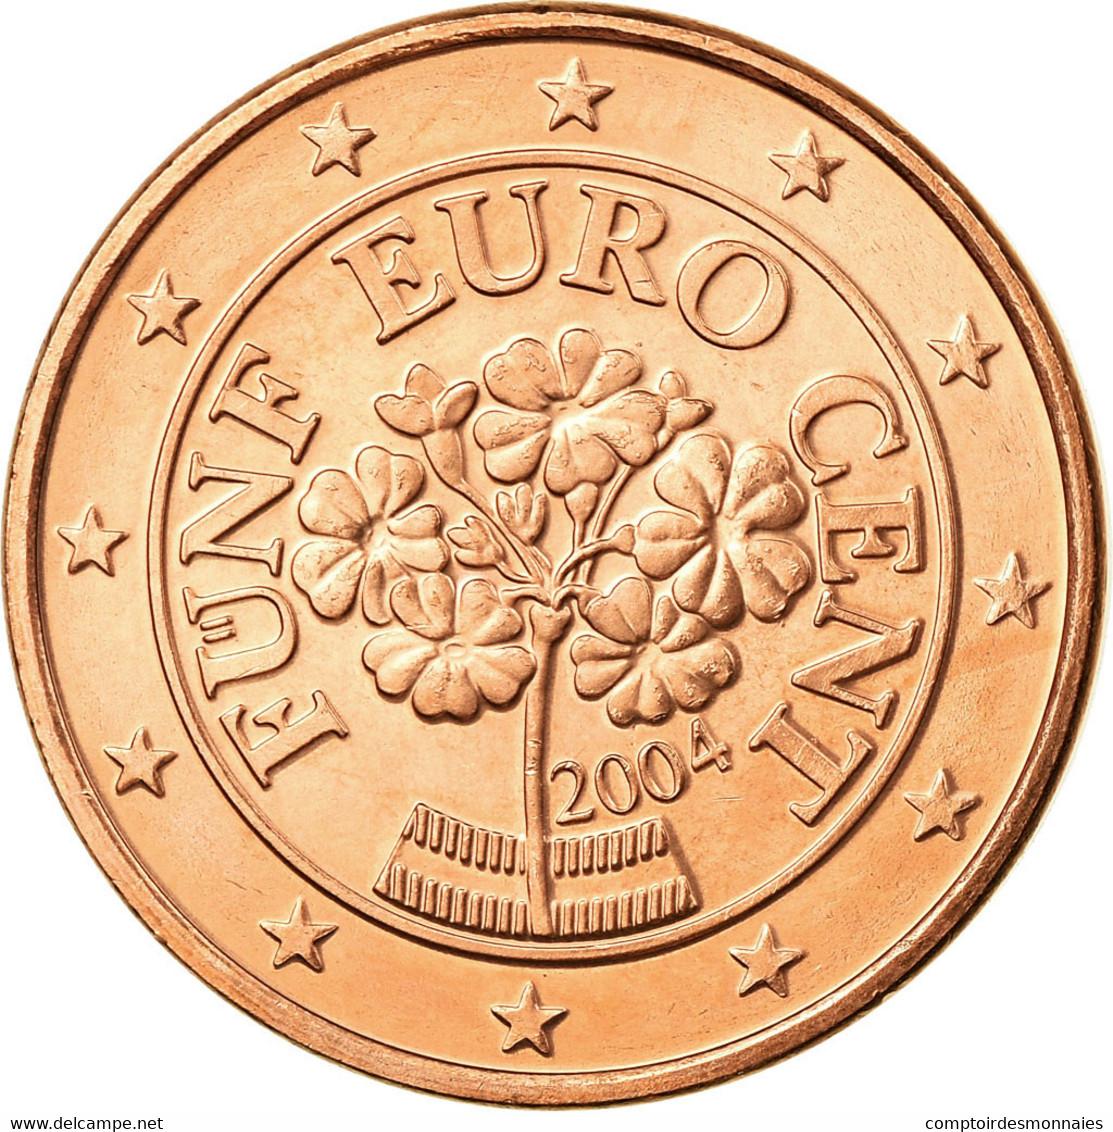 Autriche, 5 Euro Cent, 2004, SUP, Copper Plated Steel, KM:3084 - Autriche